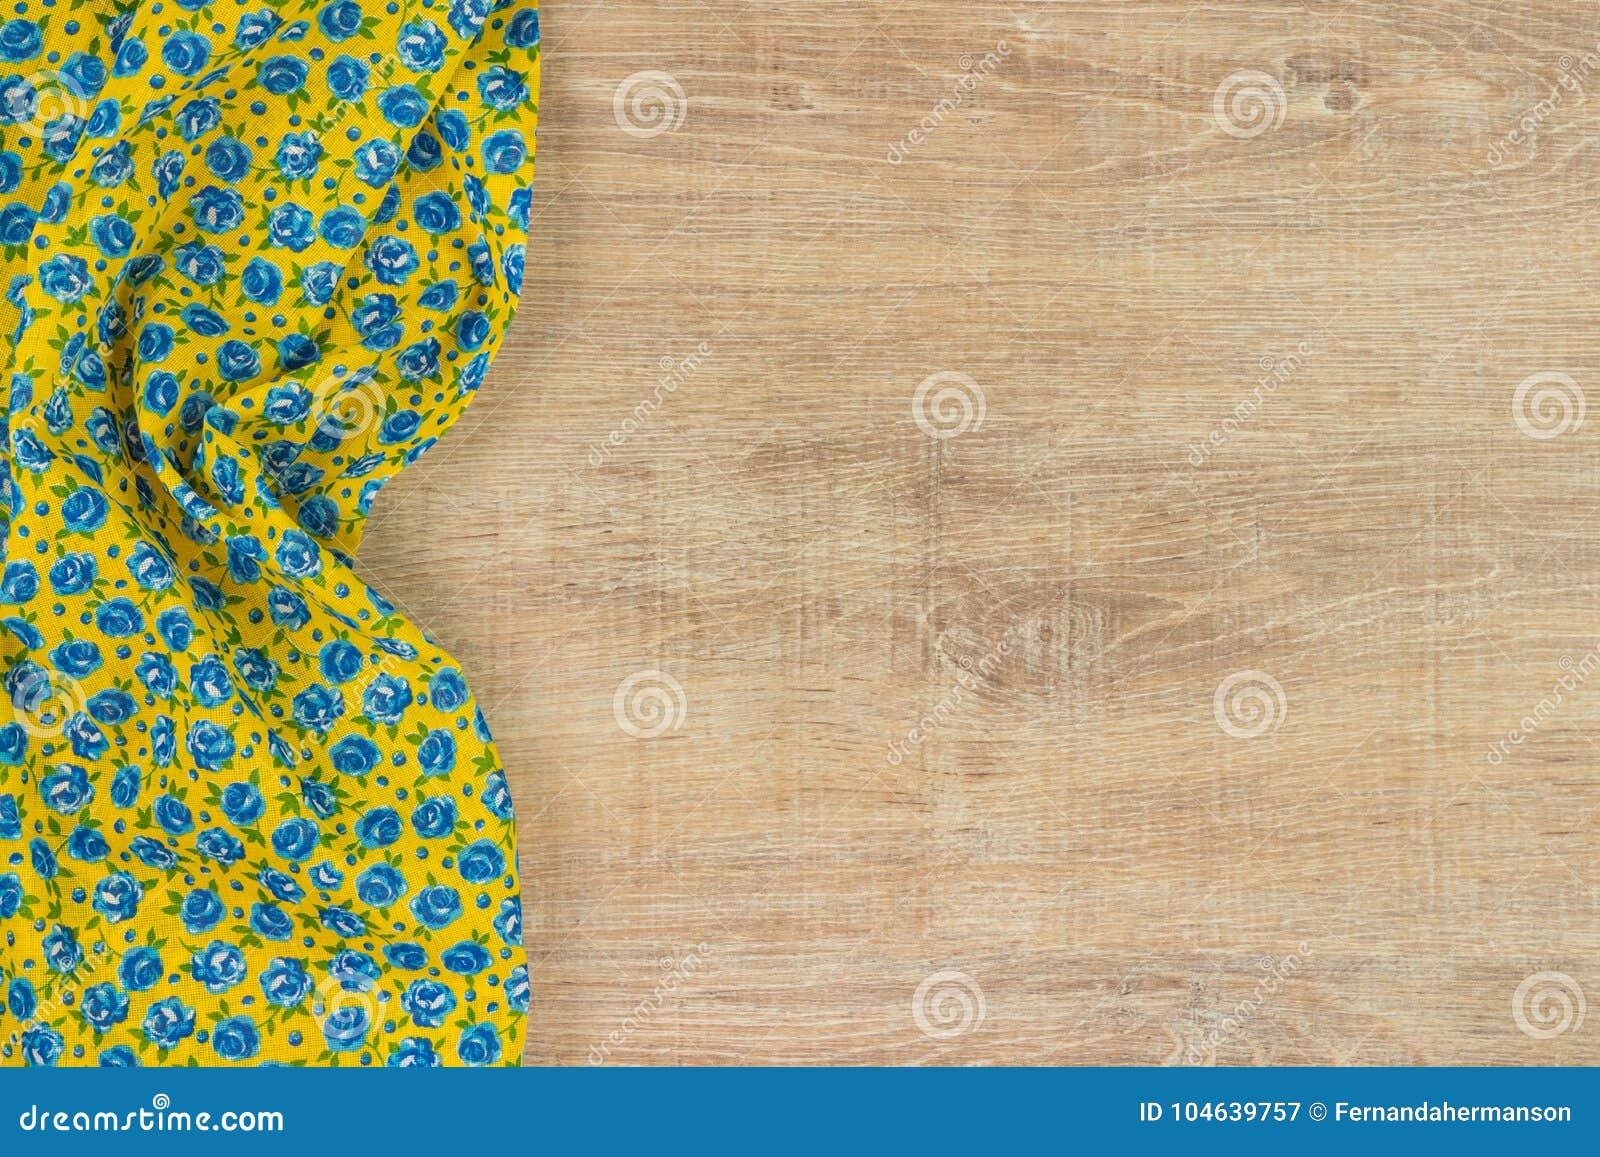 Download Het Bloemenservet Van De Patroondoek Op Lege Houten Achtergrond Stock Afbeelding - Afbeelding bestaande uit decoratief, niemand: 104639757